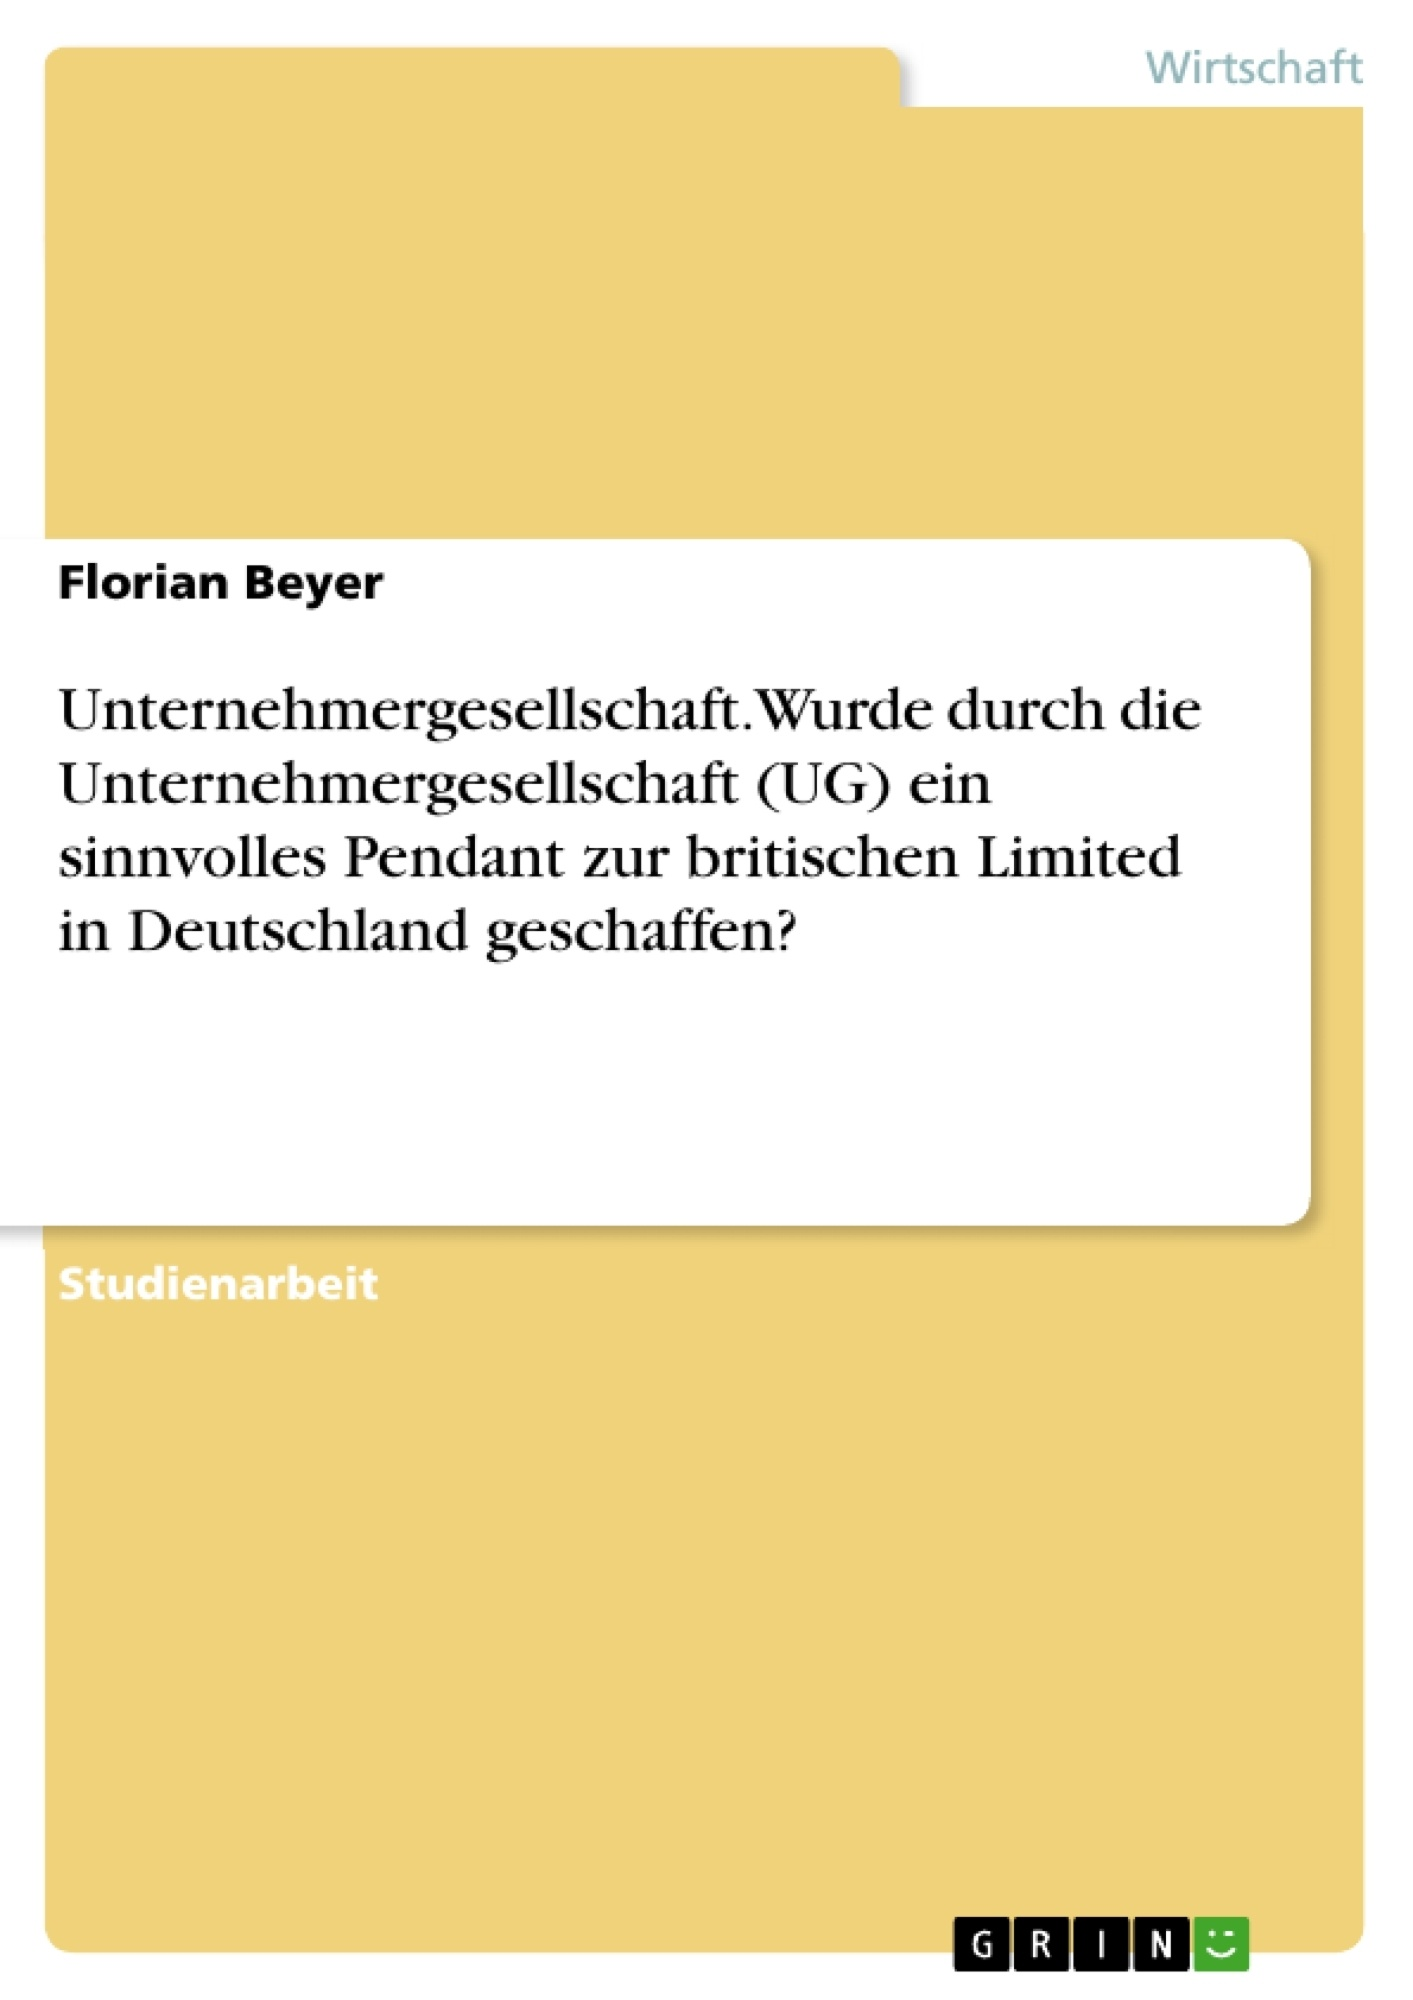 Titel: Unternehmergesellschaft. Wurde durch die Unternehmergesellschaft (UG) ein sinnvolles Pendant zur britischen Limited in Deutschland geschaffen?